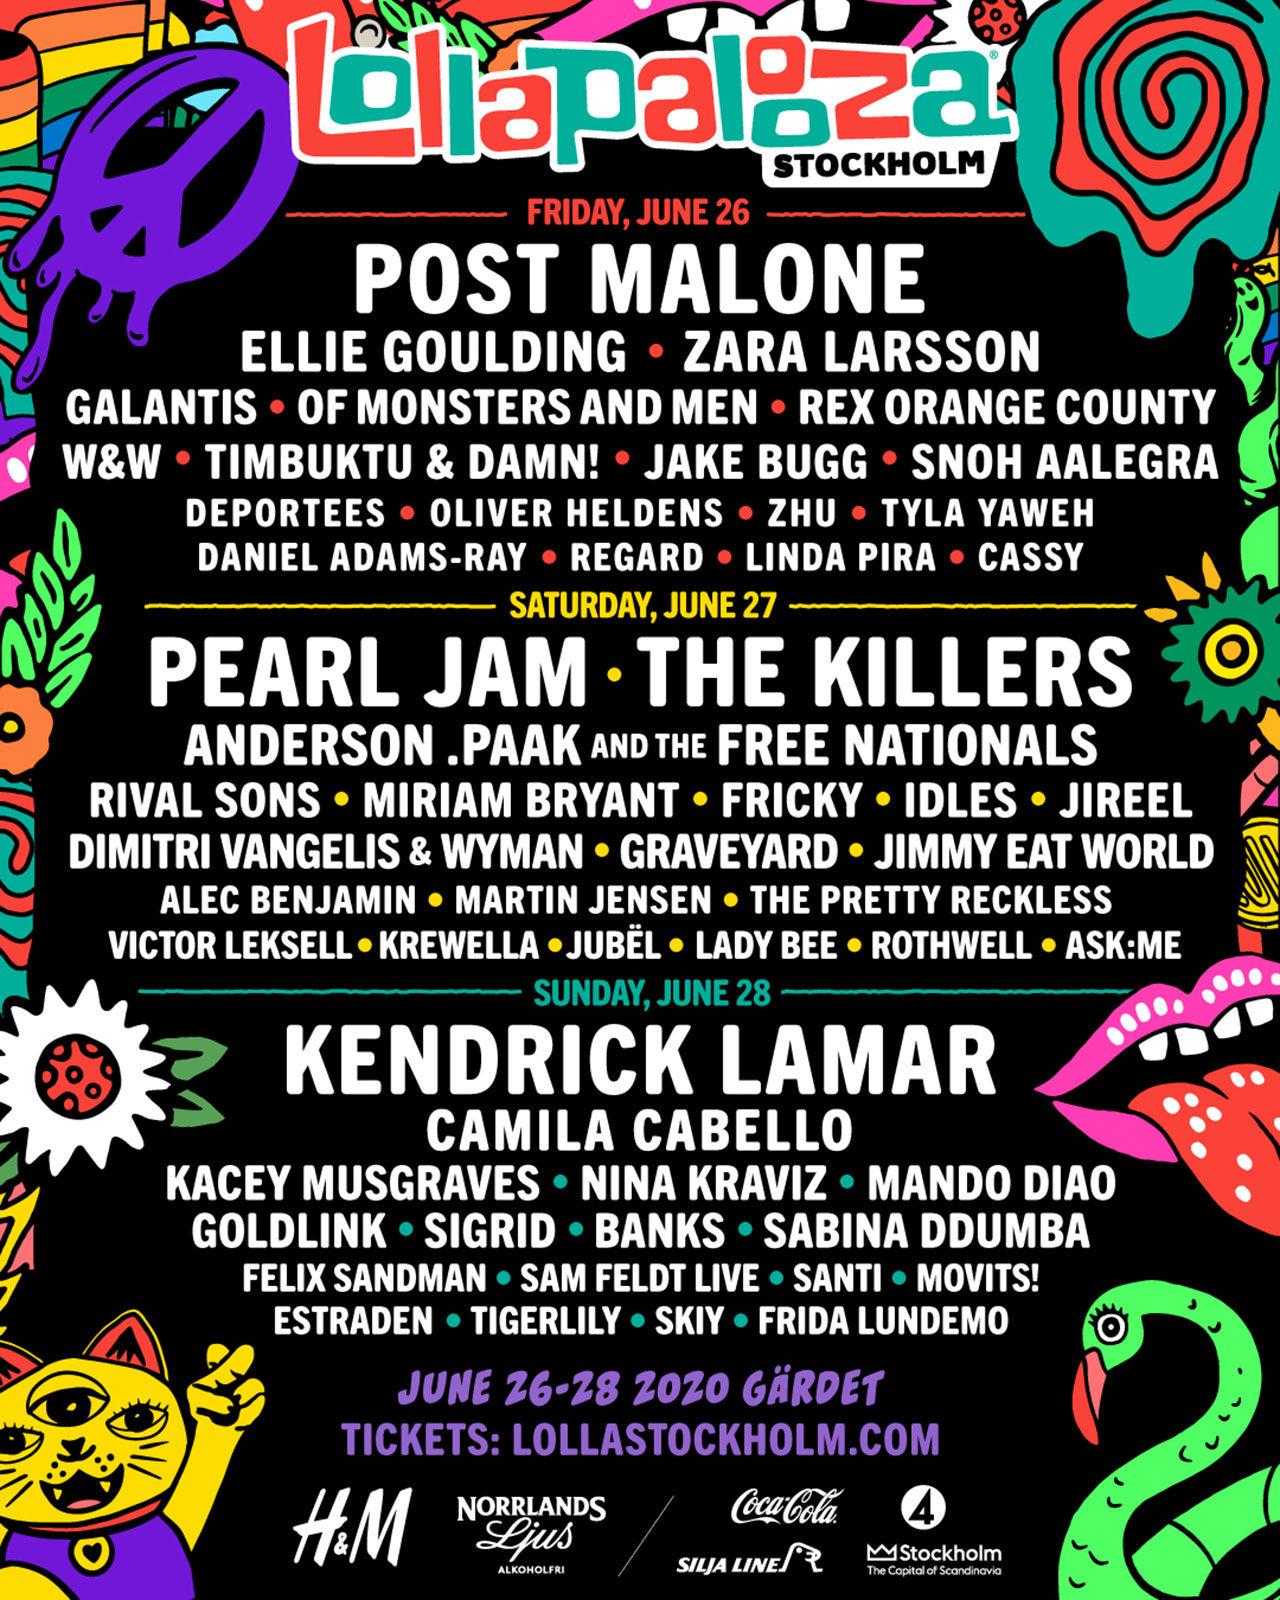 Artisterna som kommer till Lollapalooza